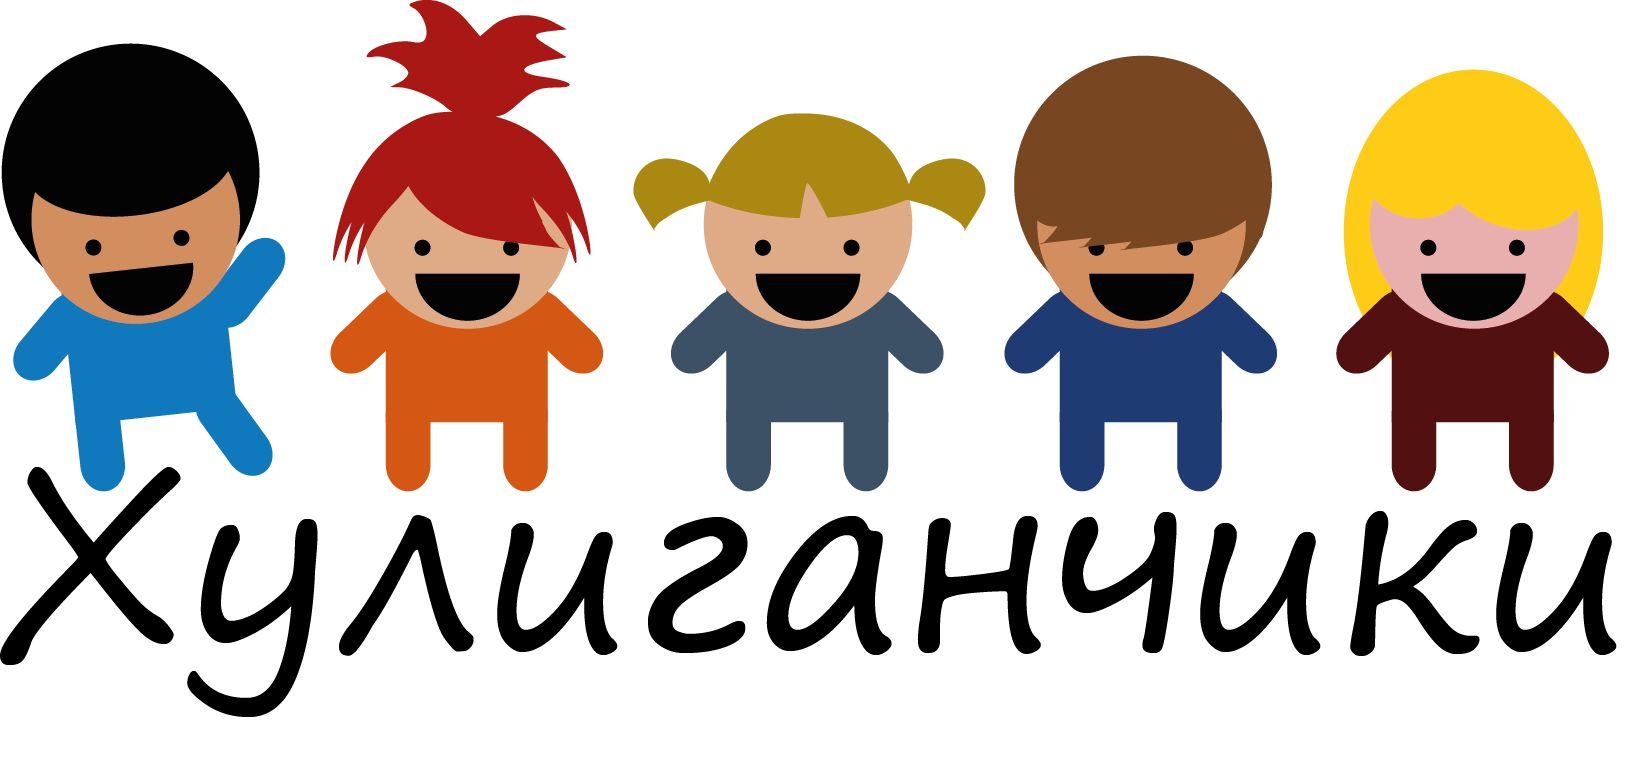 Логотип и фирменный стиль для интернет-магазина - дизайнер BelarusSoft